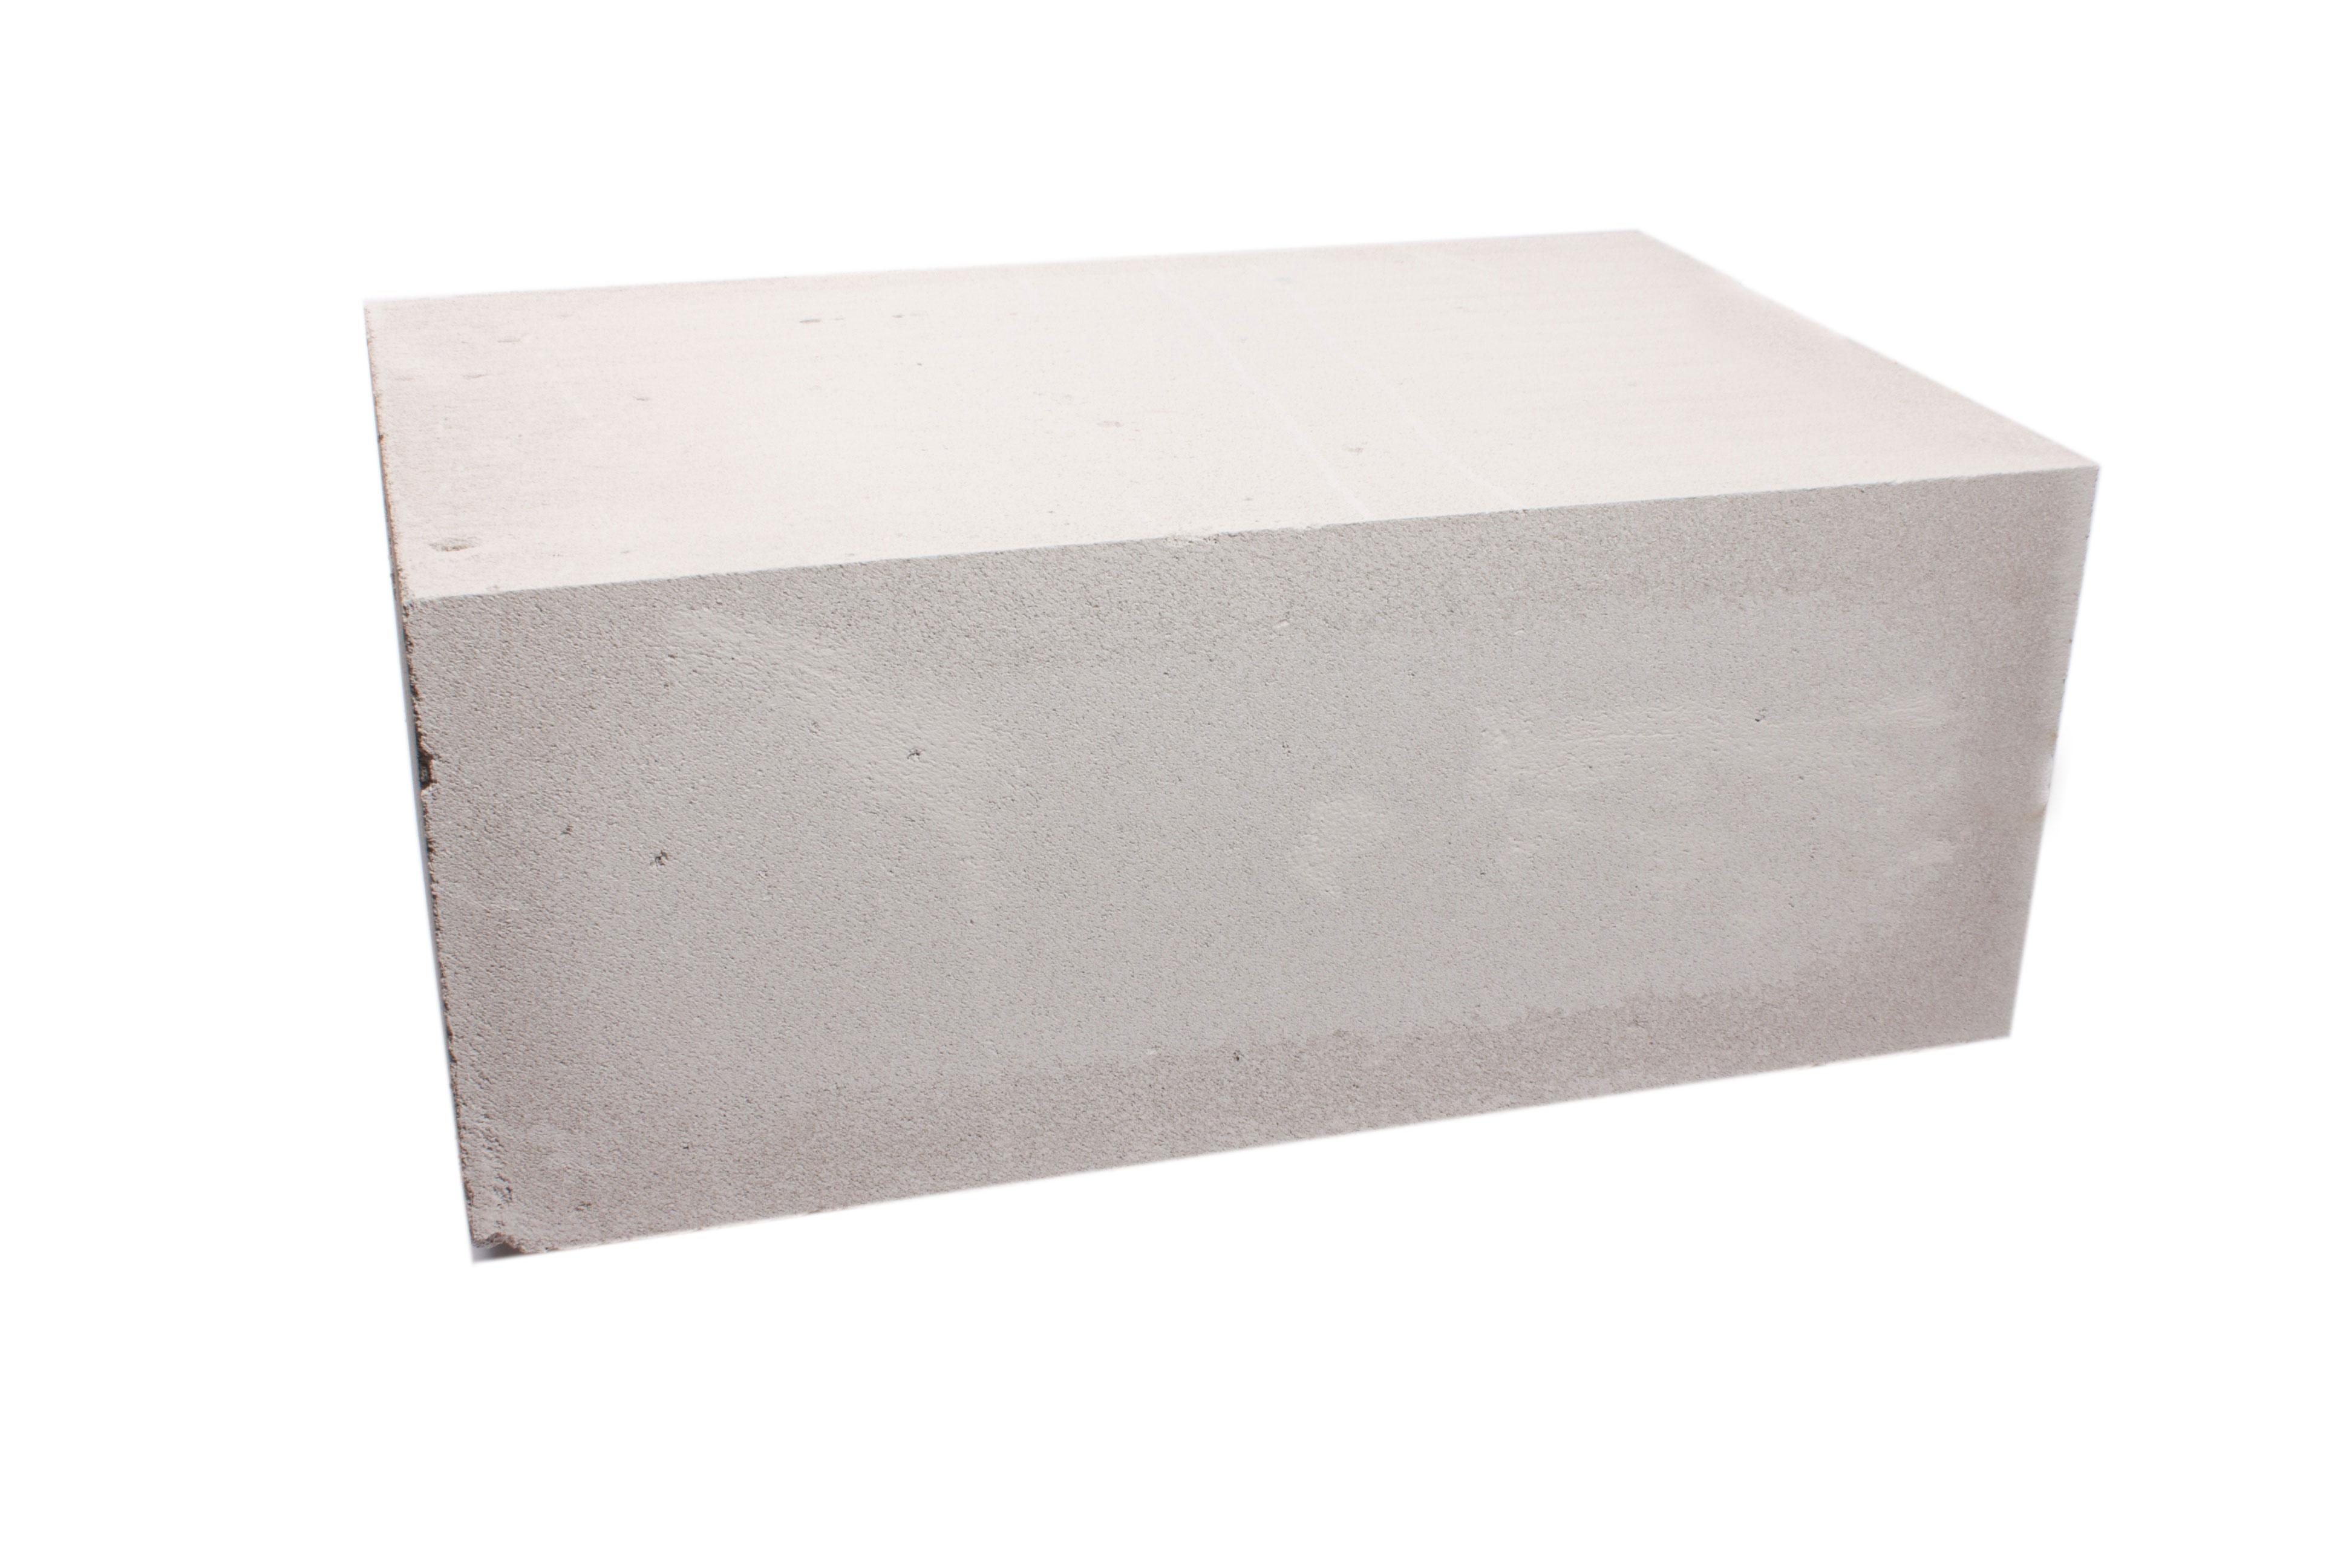 Блок из ячеистого бетона автоклавного твердения производства ОАО Могилевский КСИ РБ